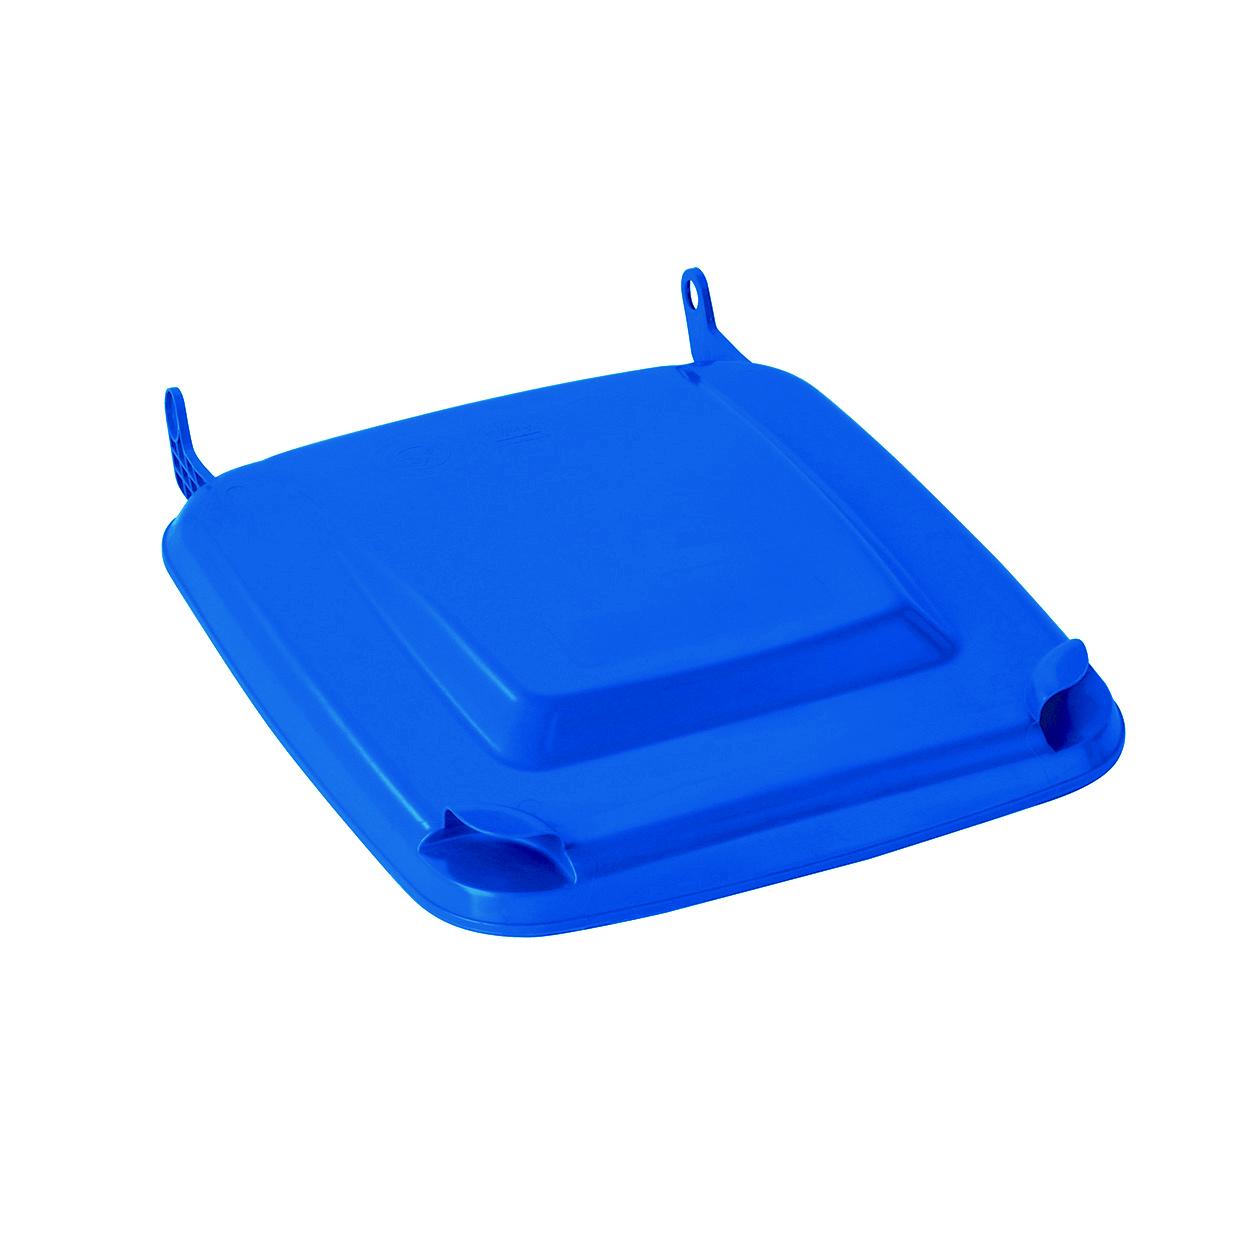 Víko k plastové nádobě 120 l